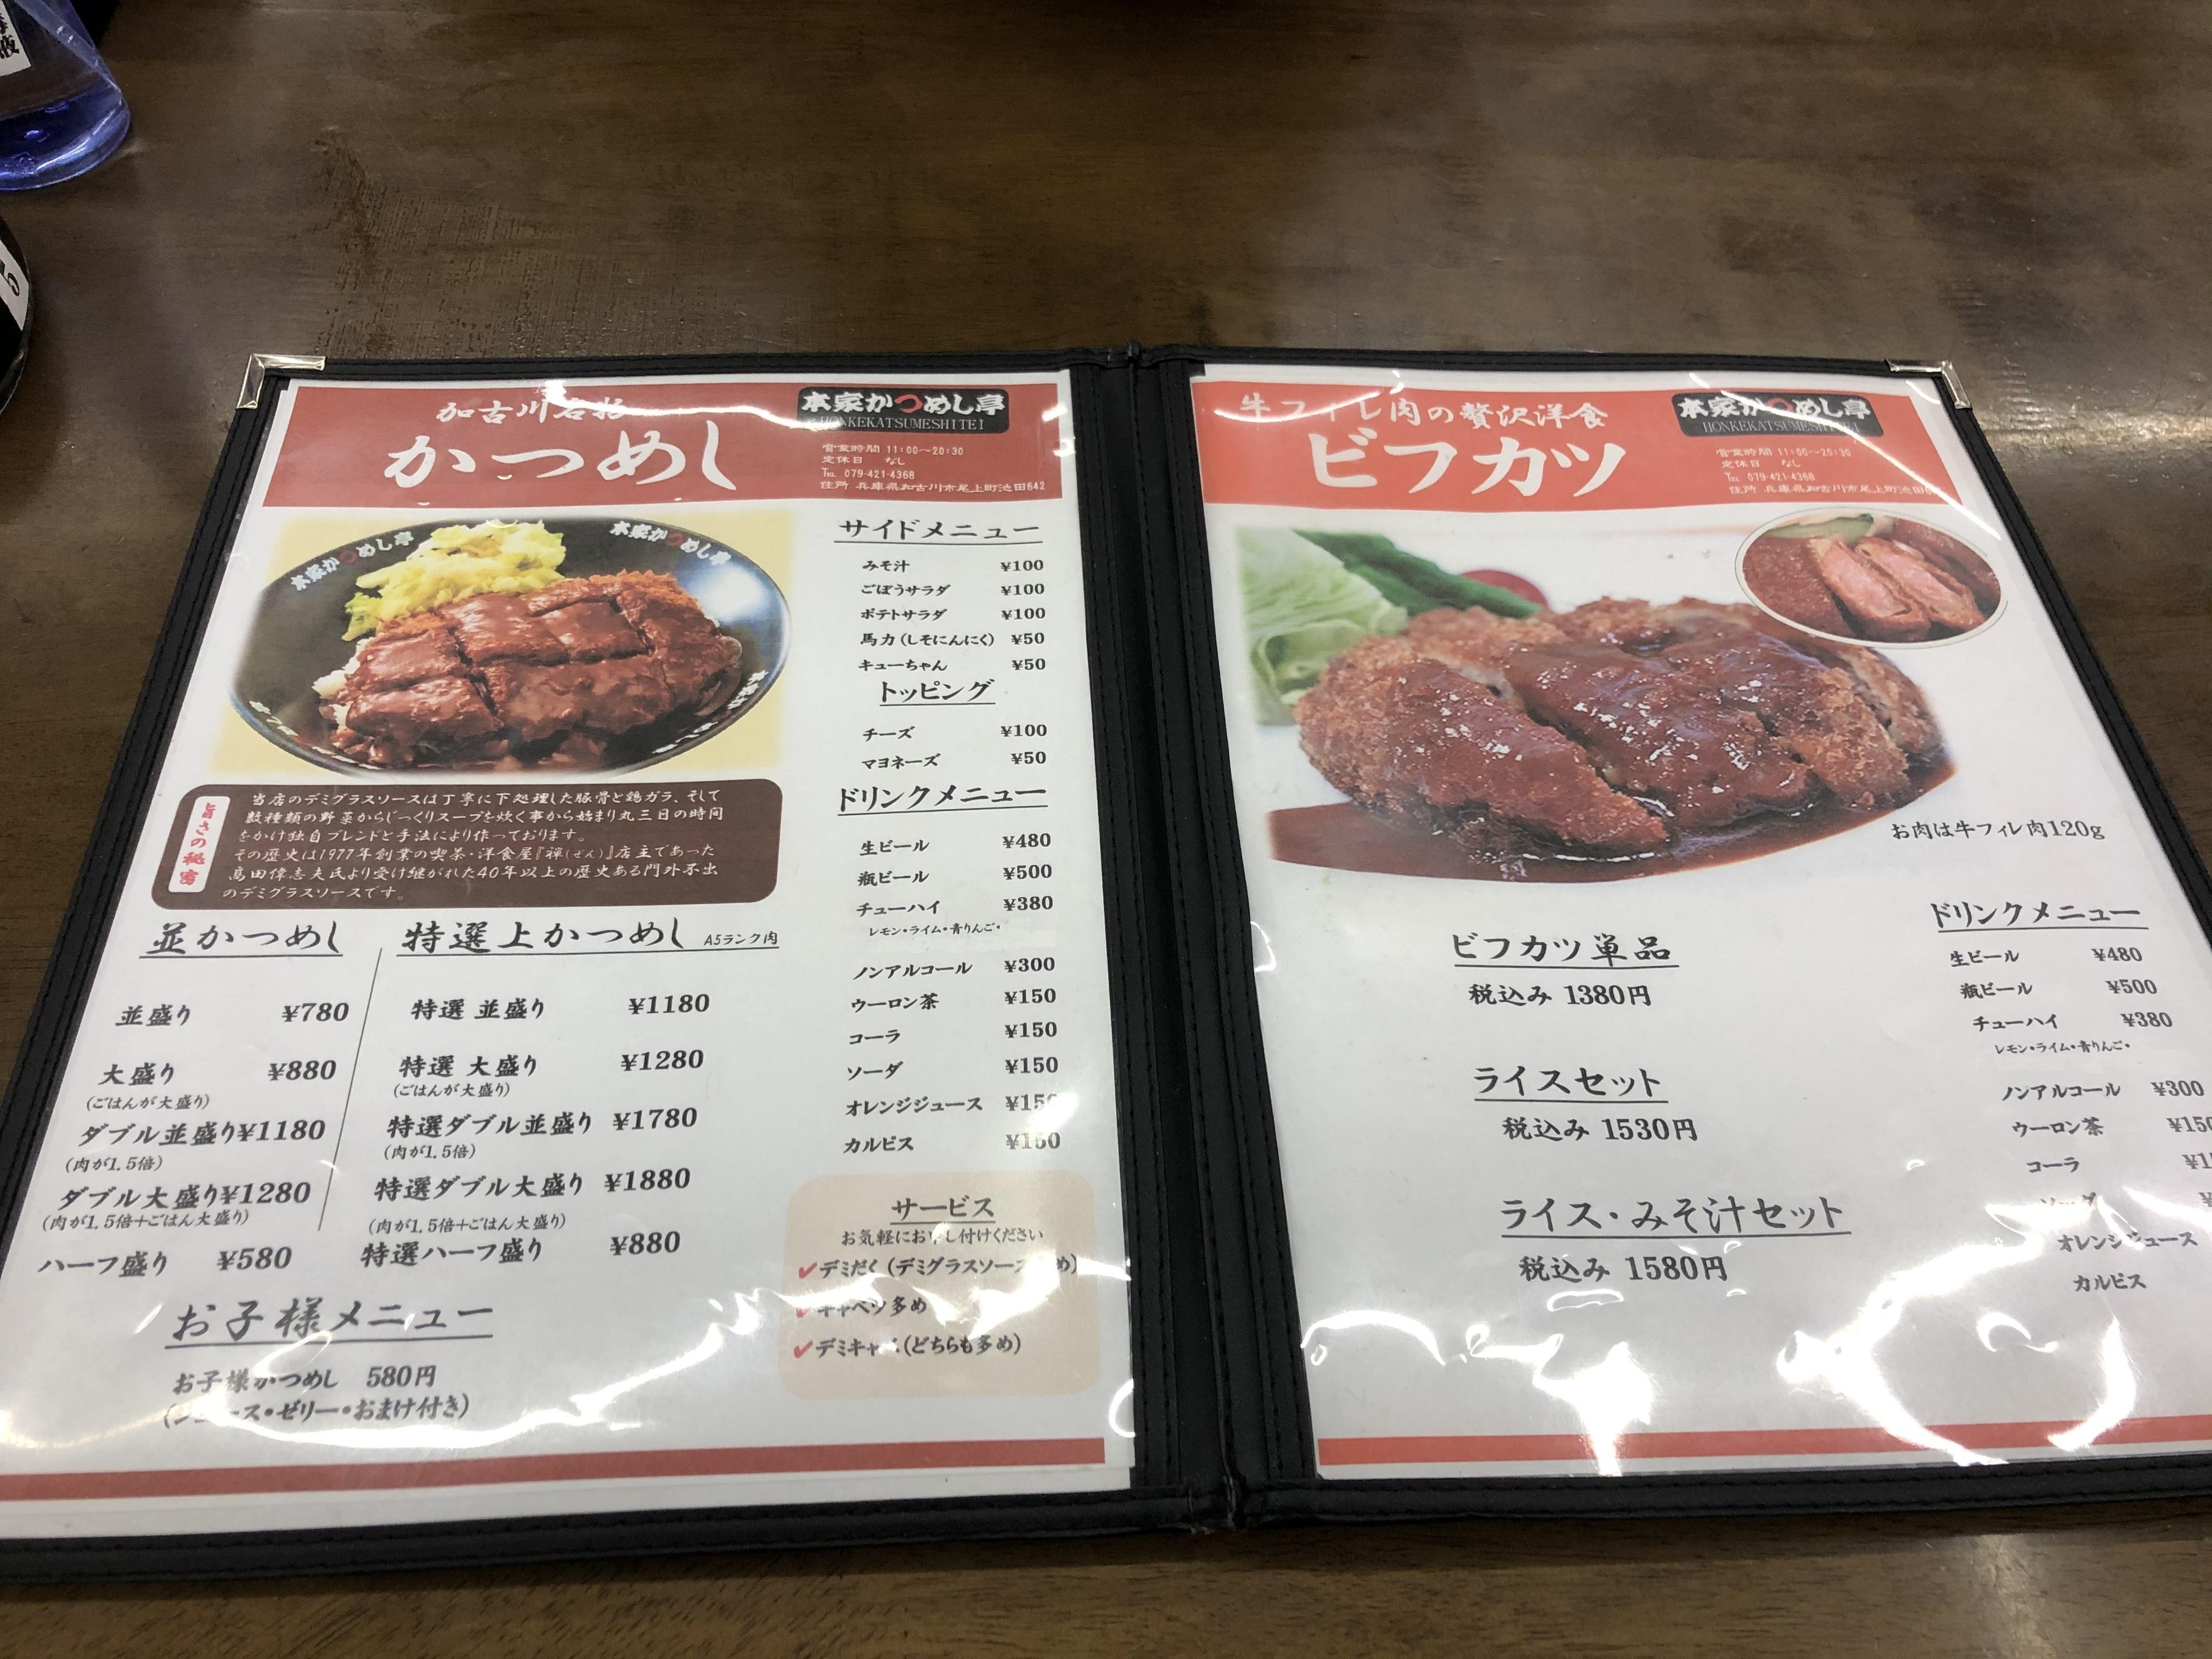 ぴーきちハーレーブログ 加古川市 かつめし亭 本家 メニュー